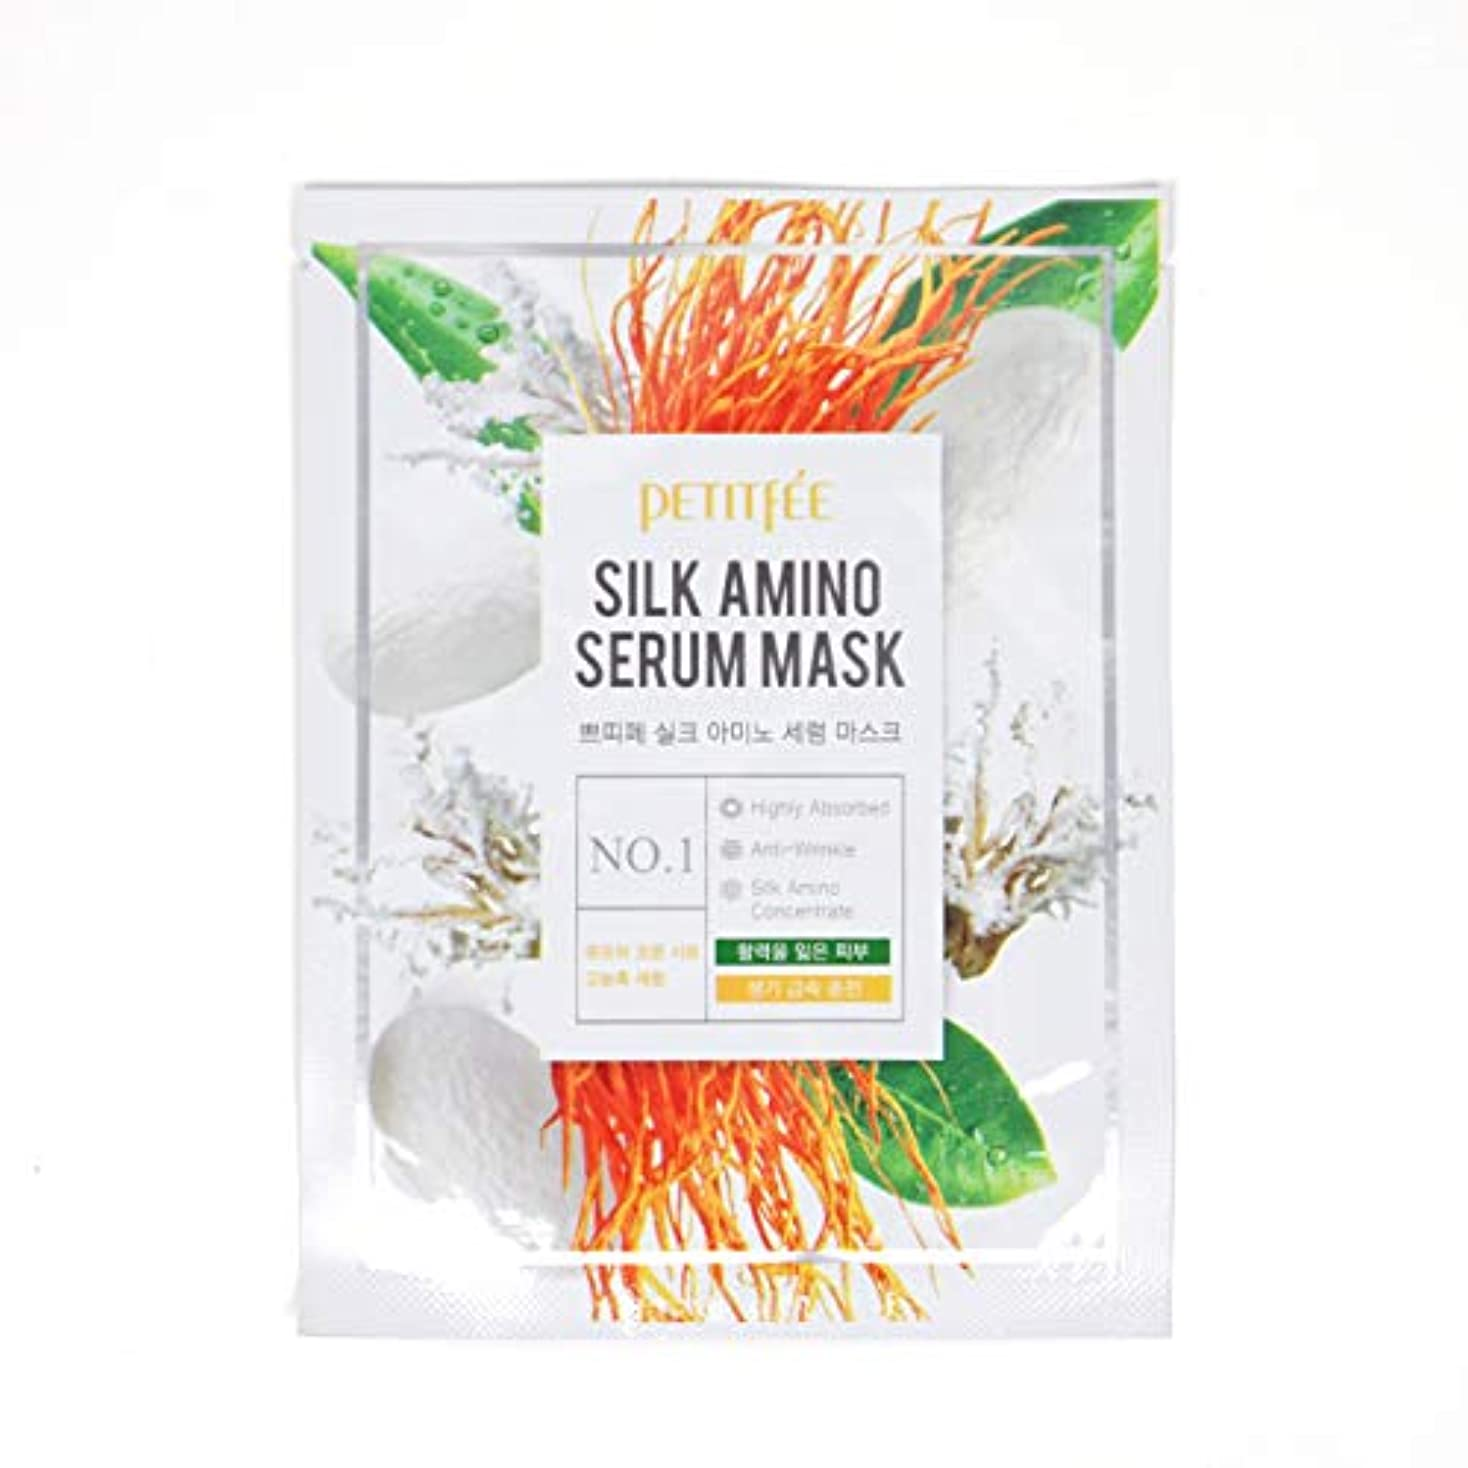 チーフ横向き階PETITFEE (プチペ) シルクアミノセラムマスク 25gx10P (保湿) / Silk Amino Serum Mask